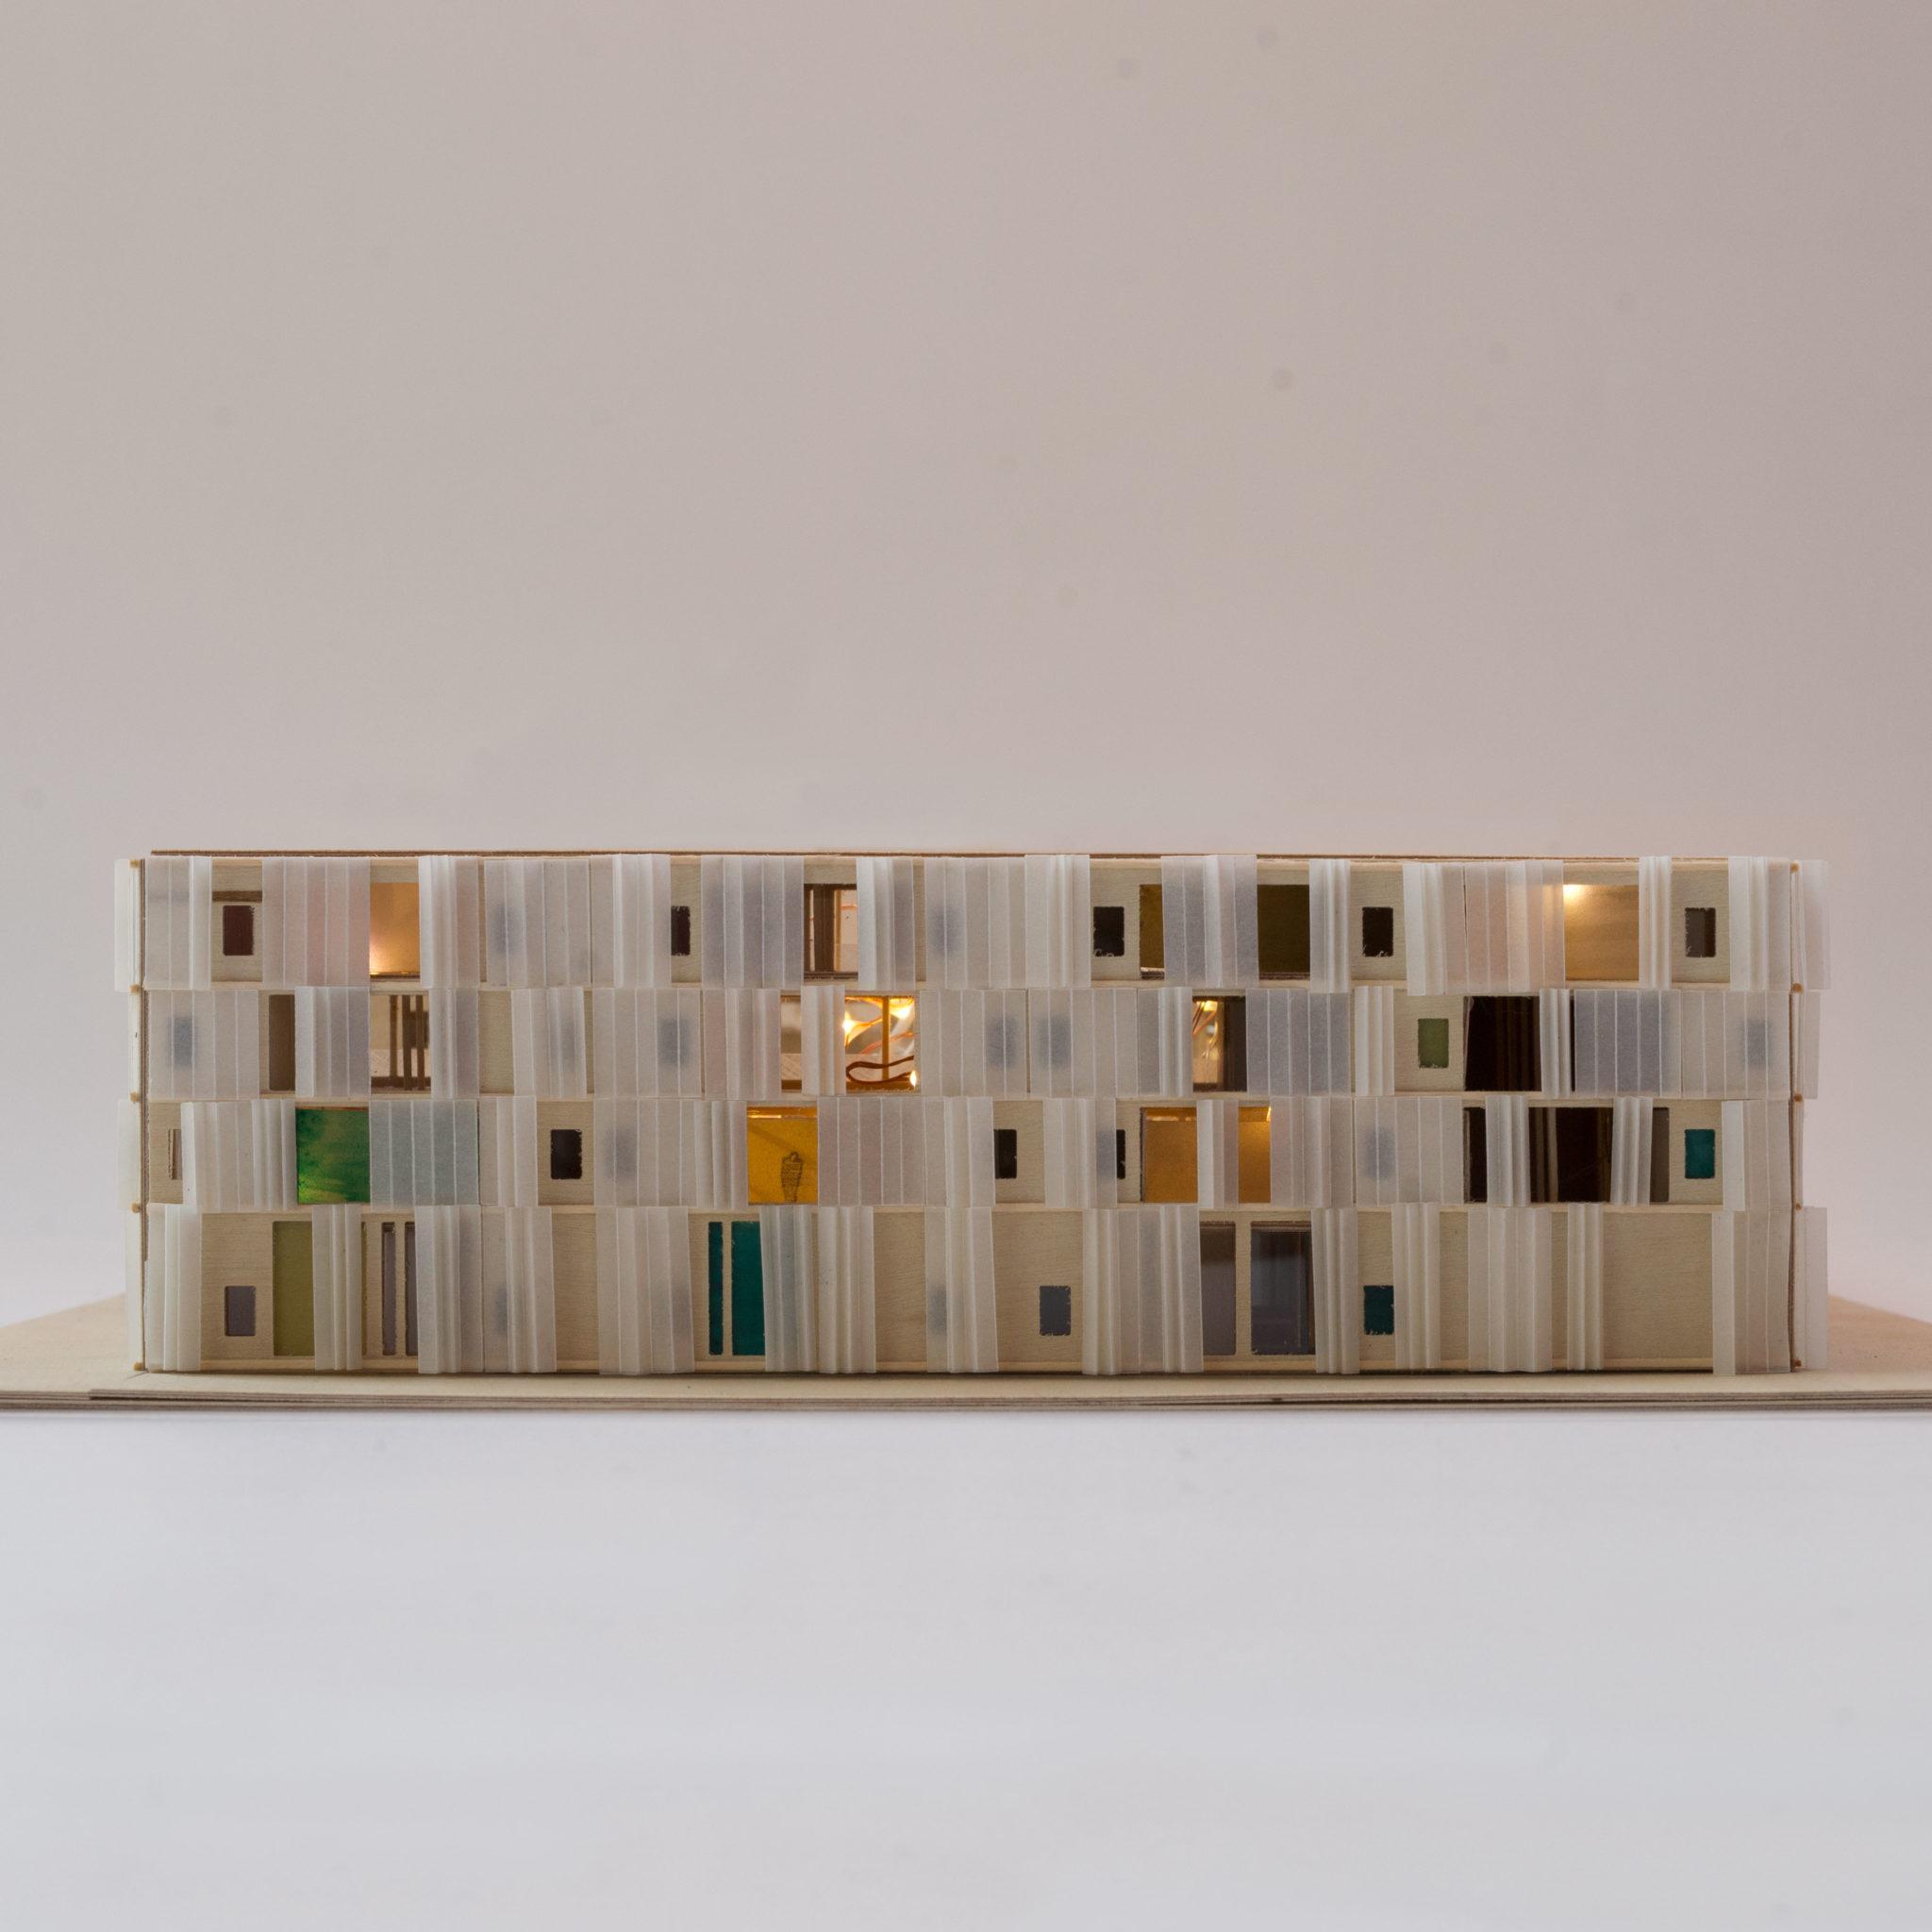 DGJ Architektur › Sustainable Architecture